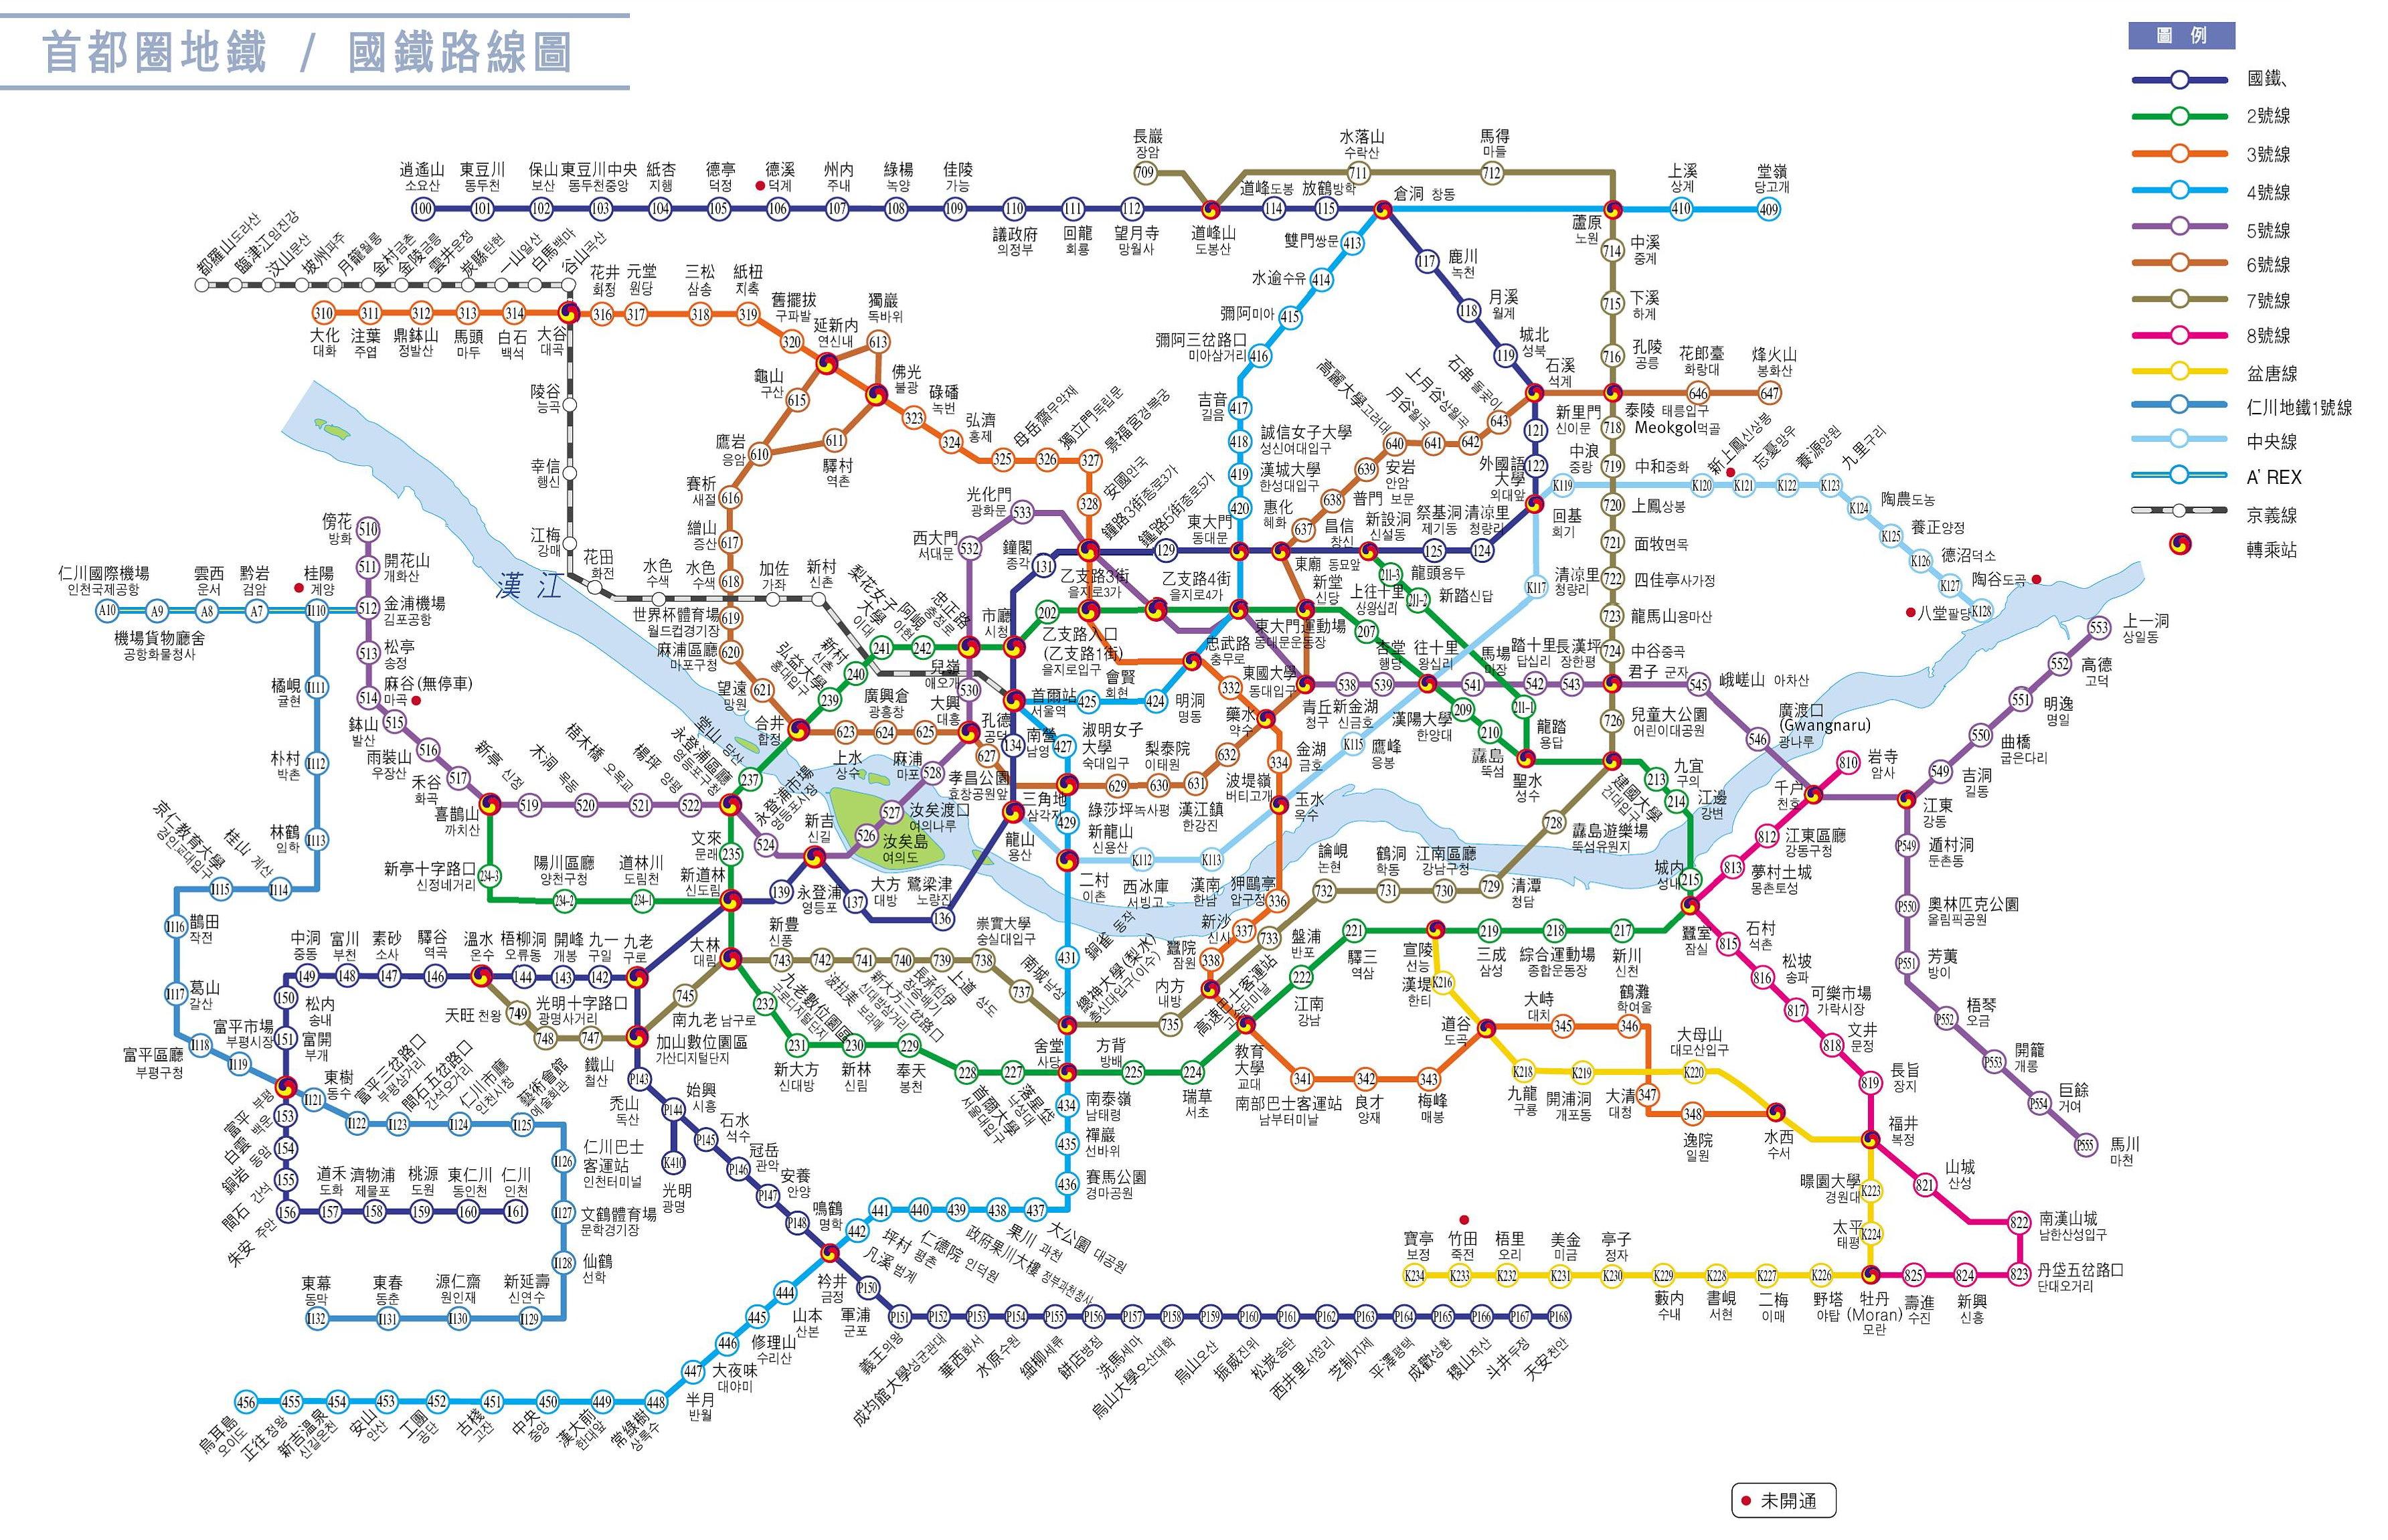 韓國首爾地鐵路線圖|地鐵|路線- 韓國首爾地鐵路線圖|地鐵|路線 - 快熱資訊 - 走進時代